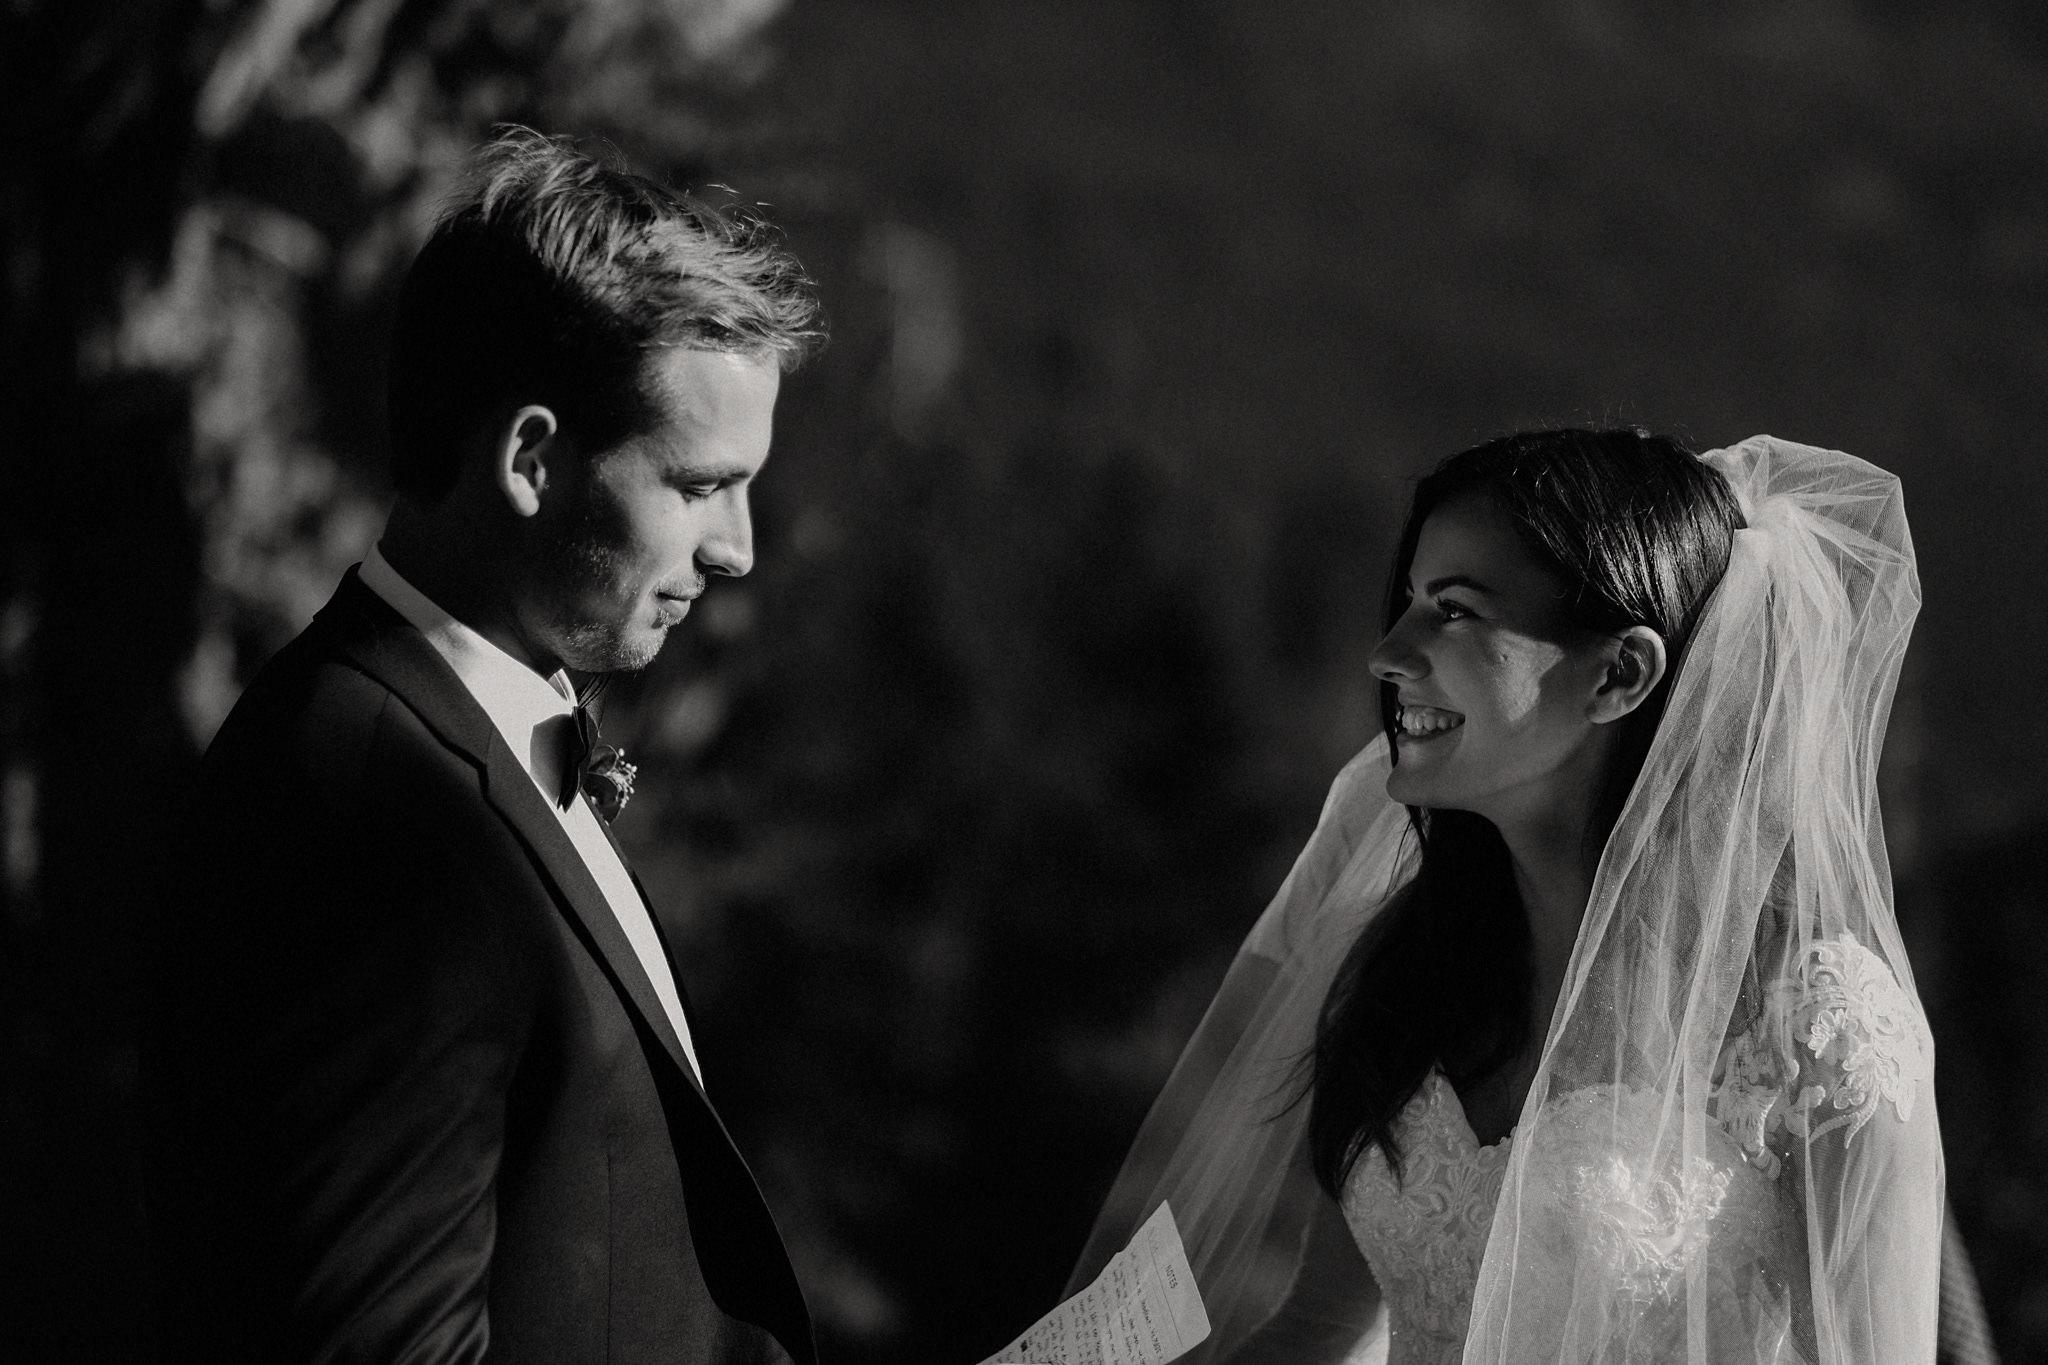 cascade mountains adventure elopement photographer vows portrait